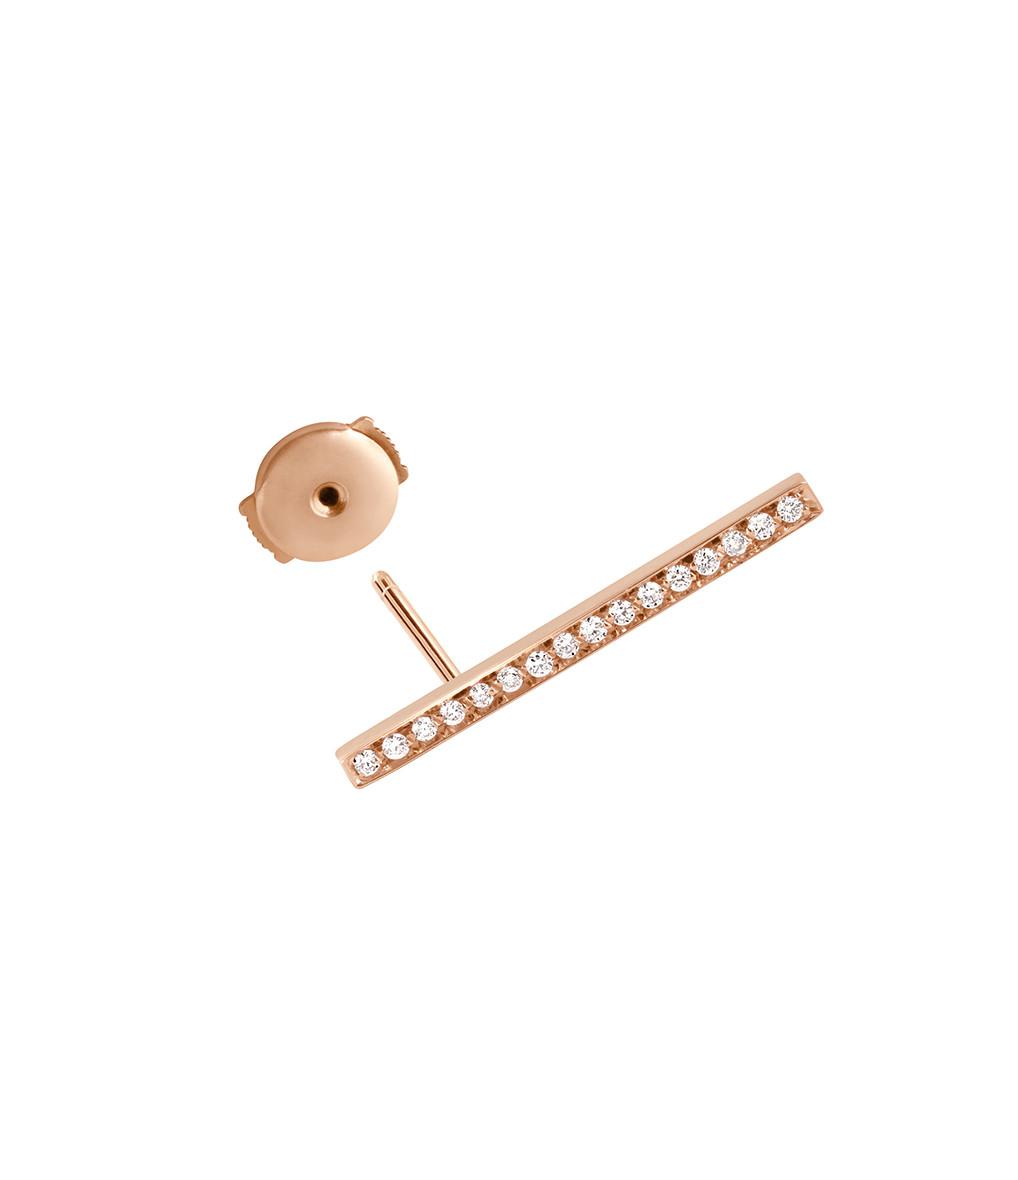 VANRYCKE - Boucle d'oreille Medellin GM Or Rose Diamants (vendue à l'unité)